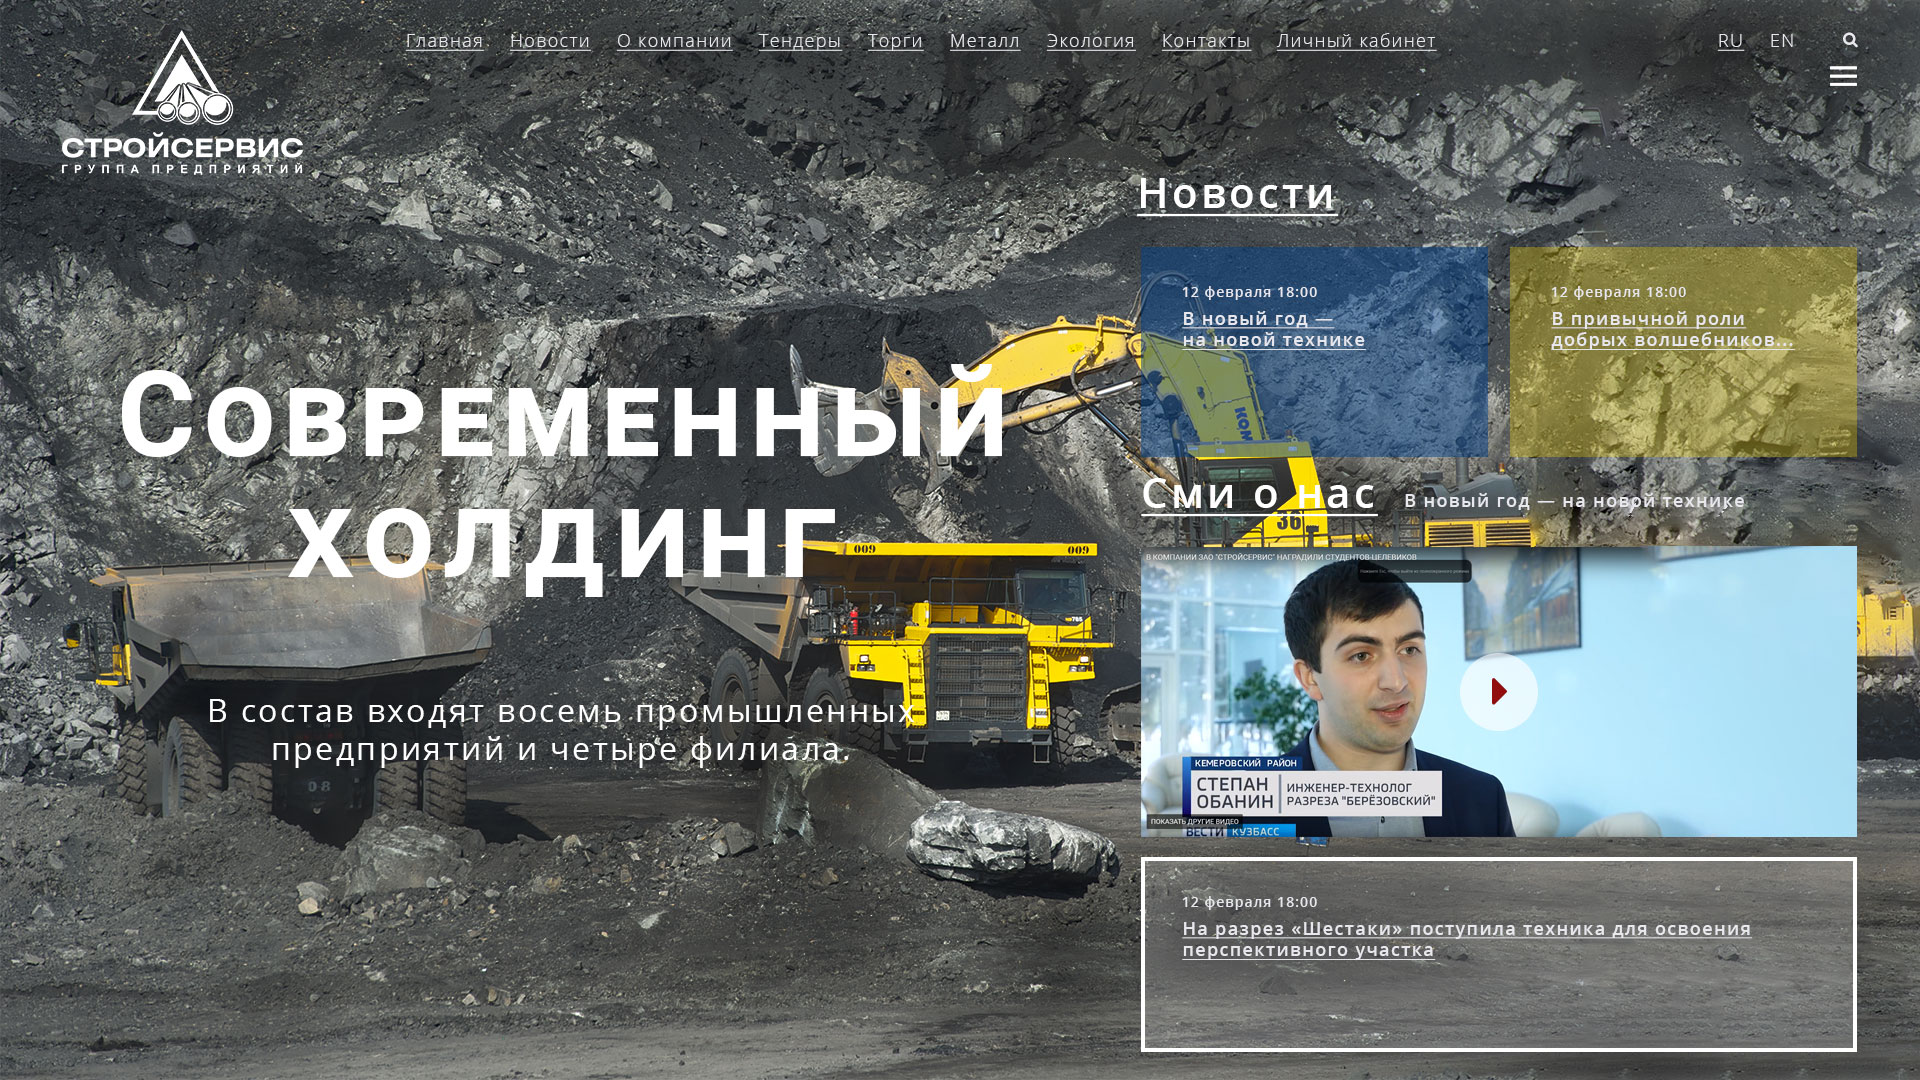 Разработка дизайна сайта угледобывающей компании фото f_4015a8de1713f4f0.jpg